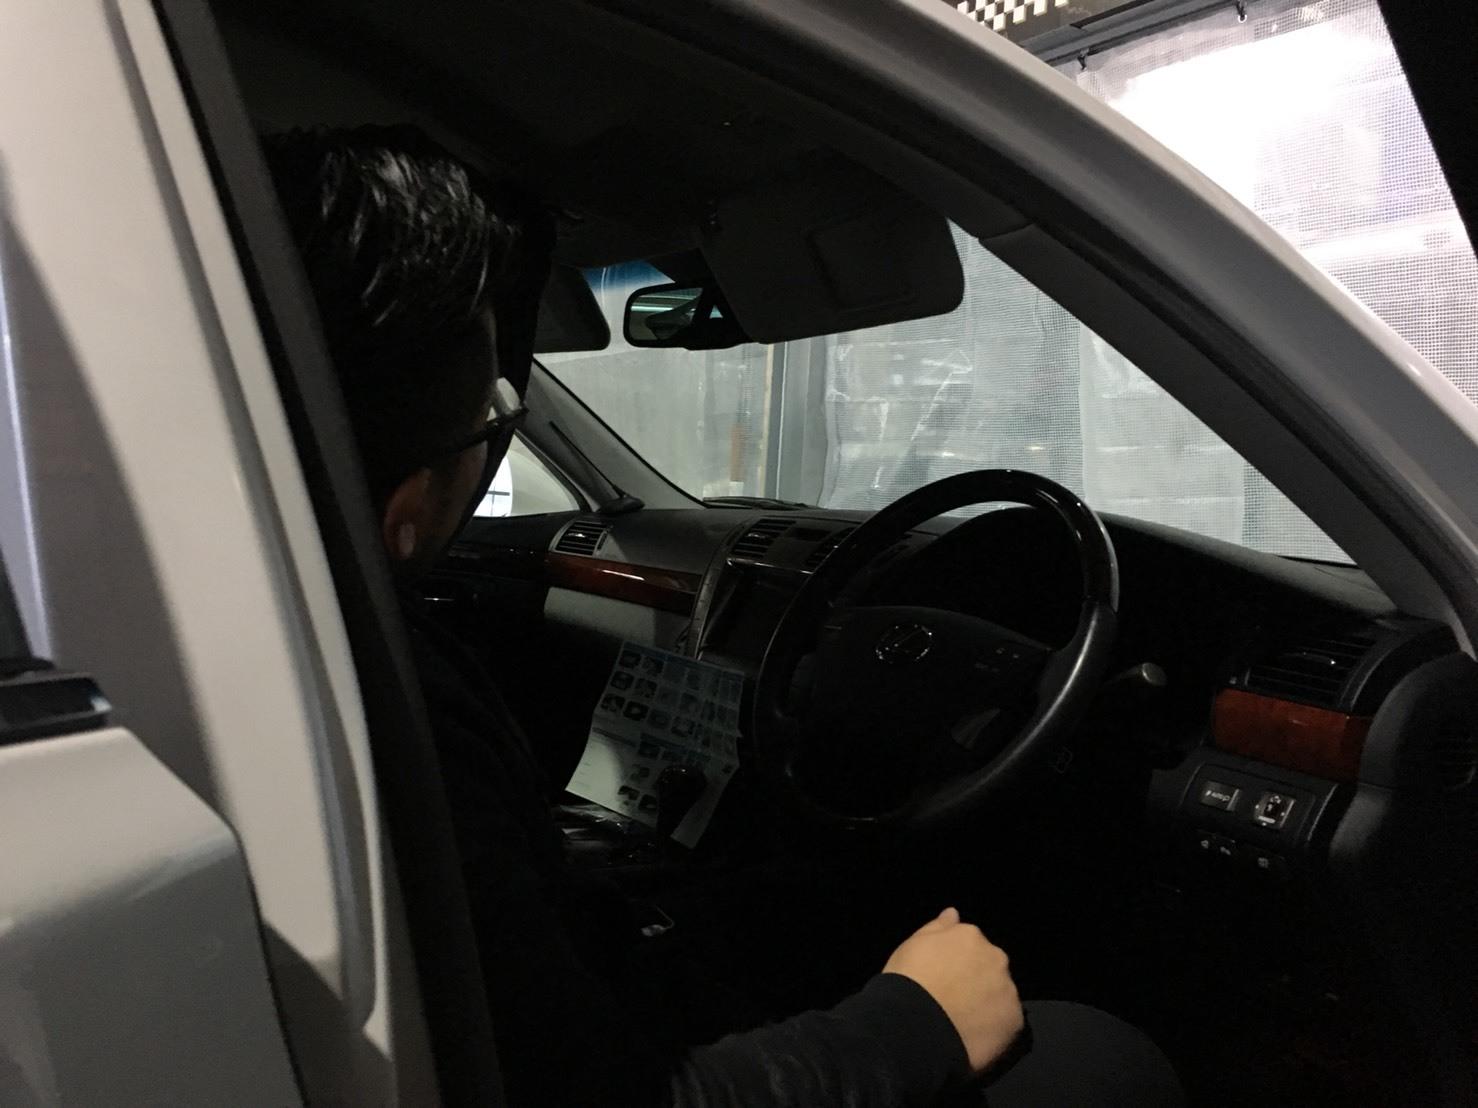 2月26日(月)トミーベース カスタムブログ☆新型QX802台入庫確定☆LS460後期AWD LS600hLエグゼクティブPKGもご紹介していきます☆_b0127002_11575238.jpg